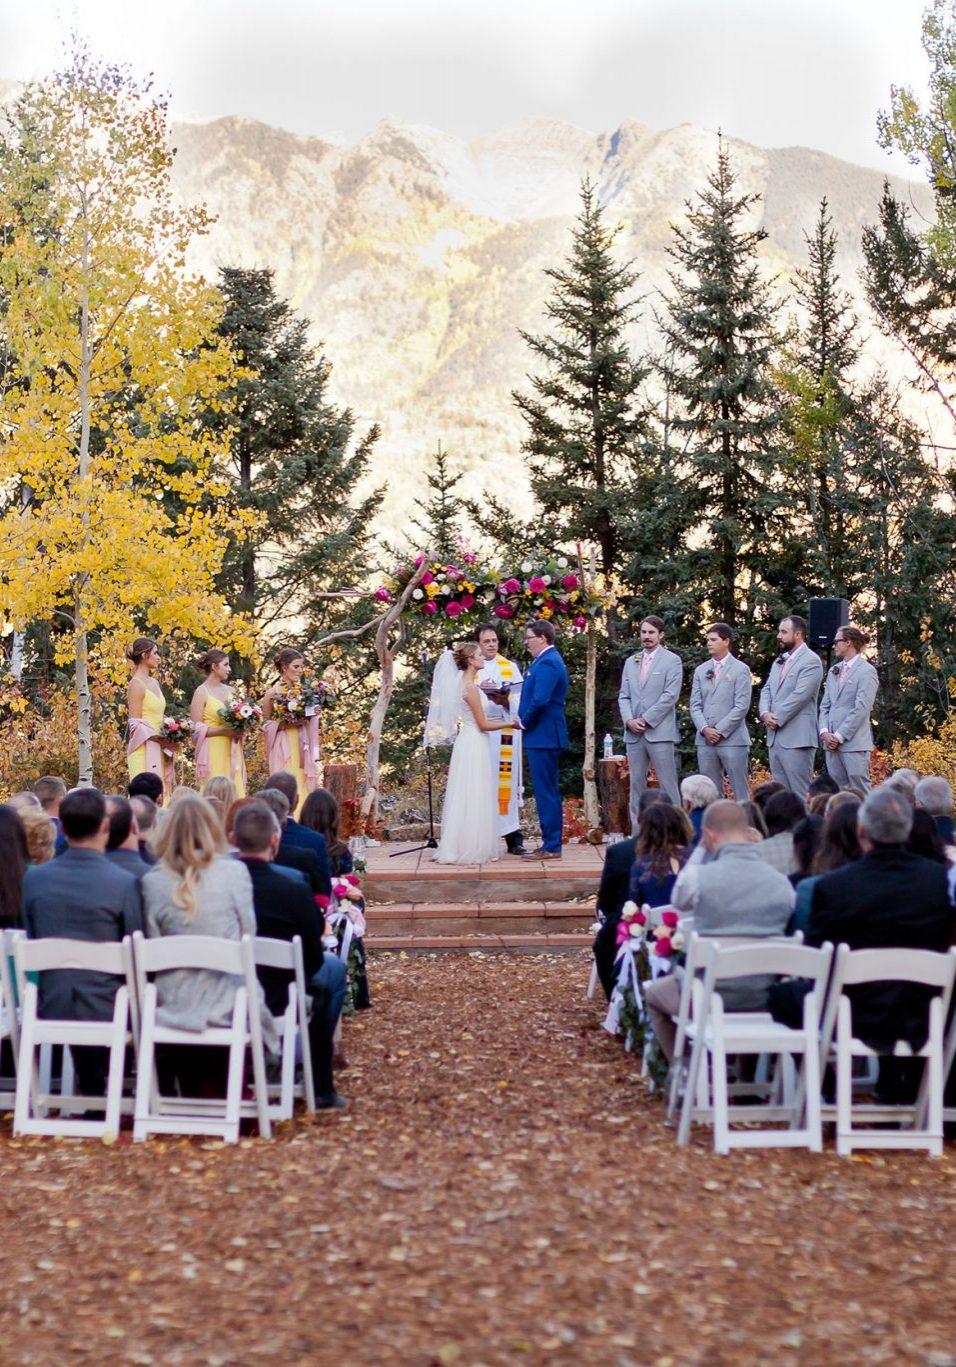 Engineer Meadows ceremony site, Durango Colorado